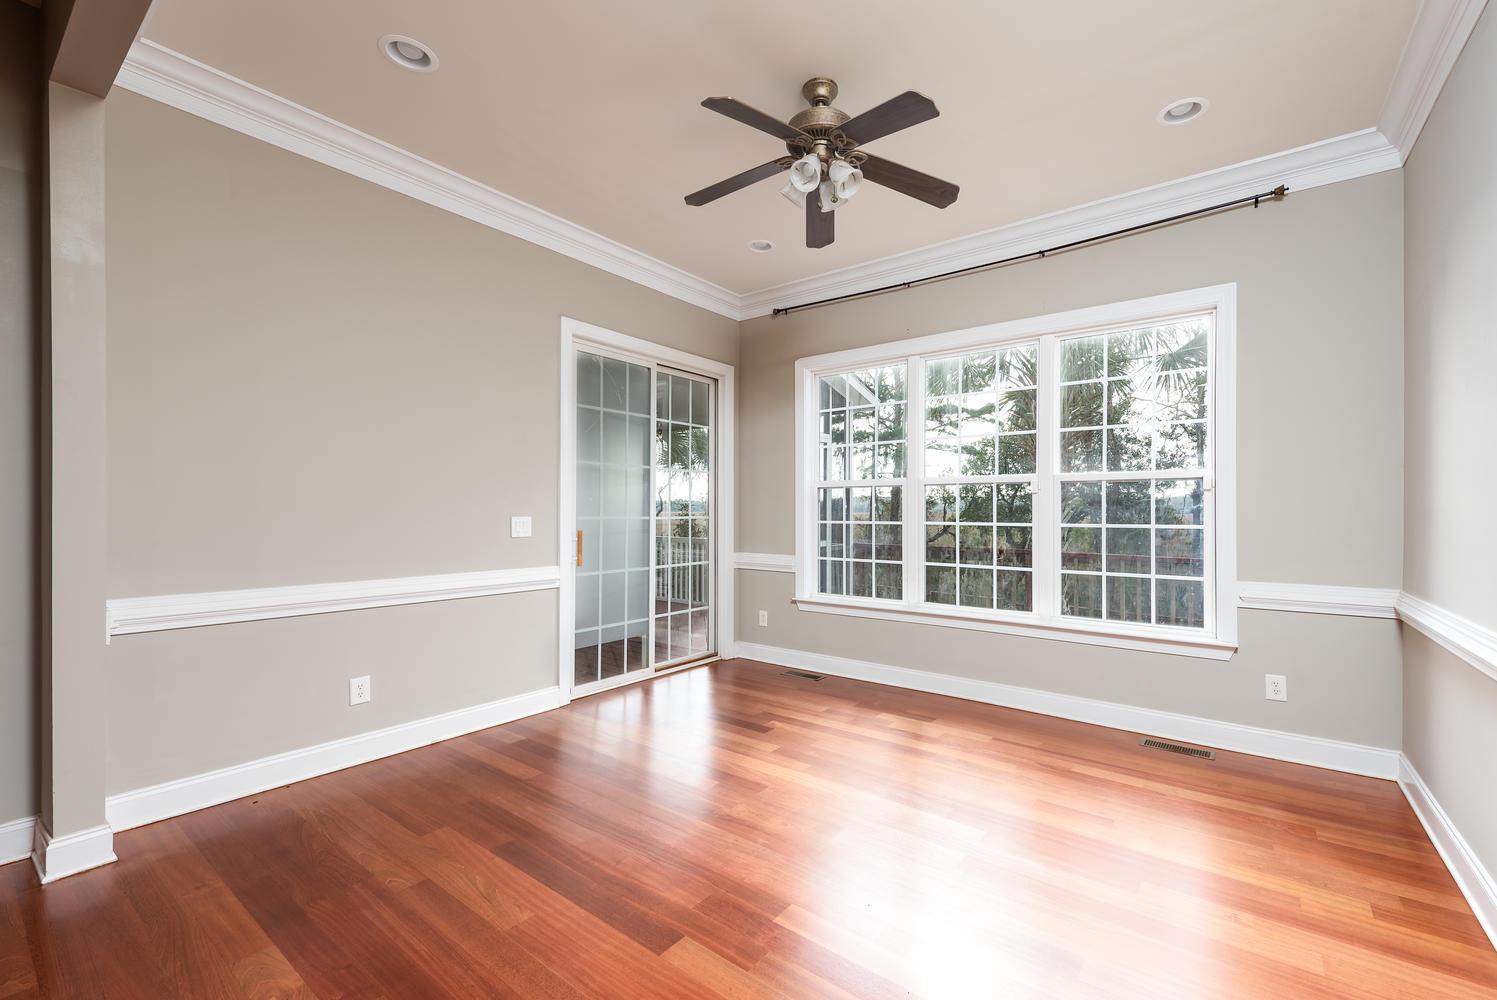 Indigo Fields Homes For Sale - 5584 Indigo Fields, North Charleston, SC - 45